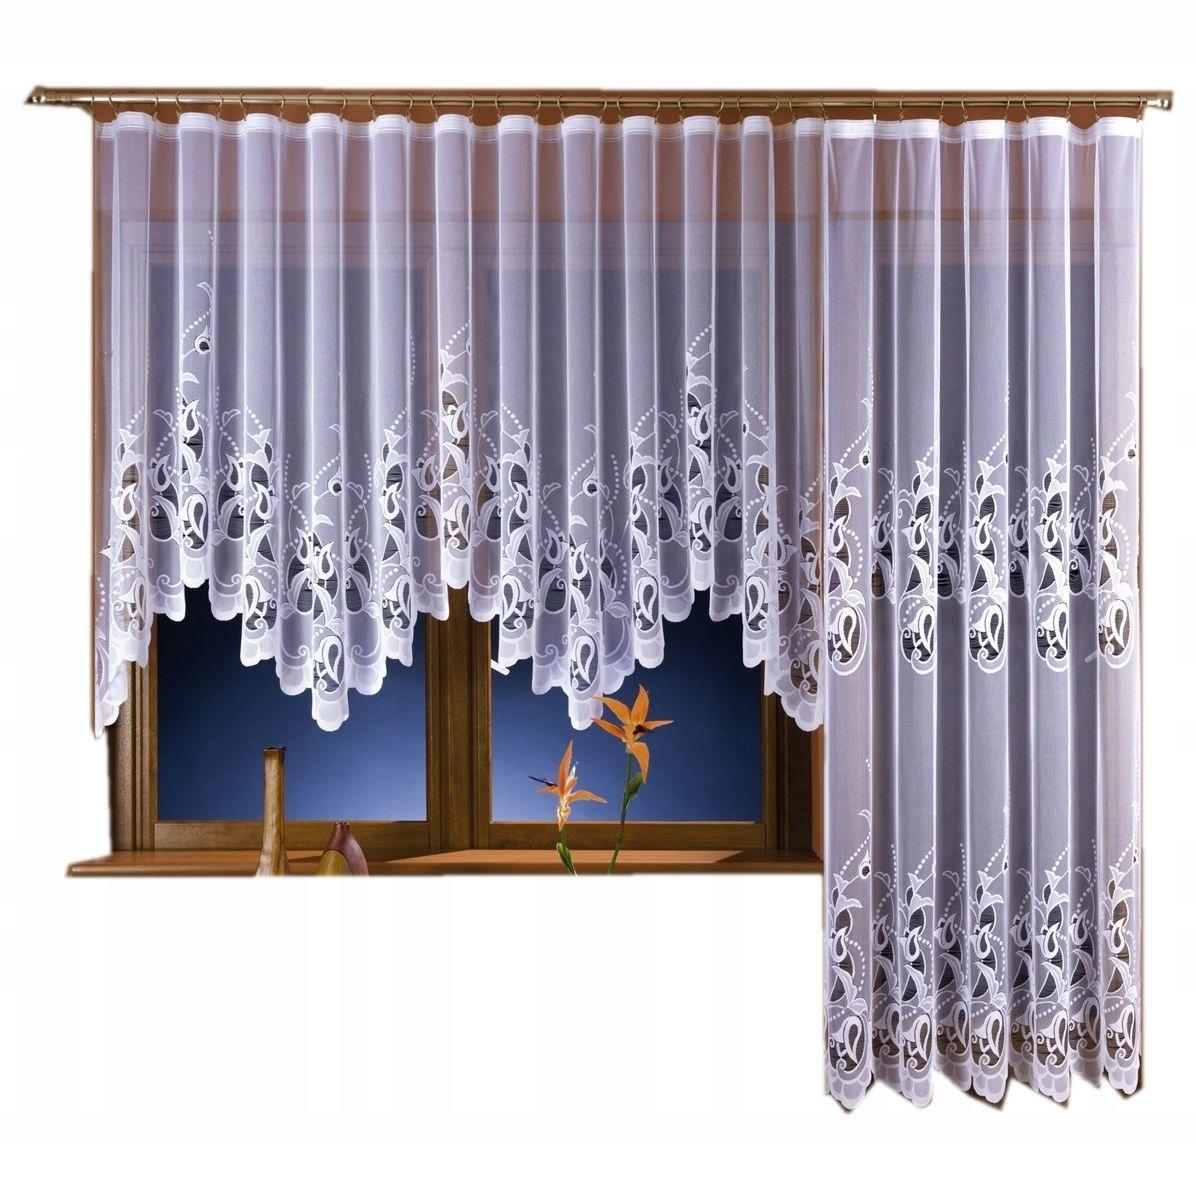 ЮСТИ балконные шторы, ширина. 200x250 см + 300x150 см